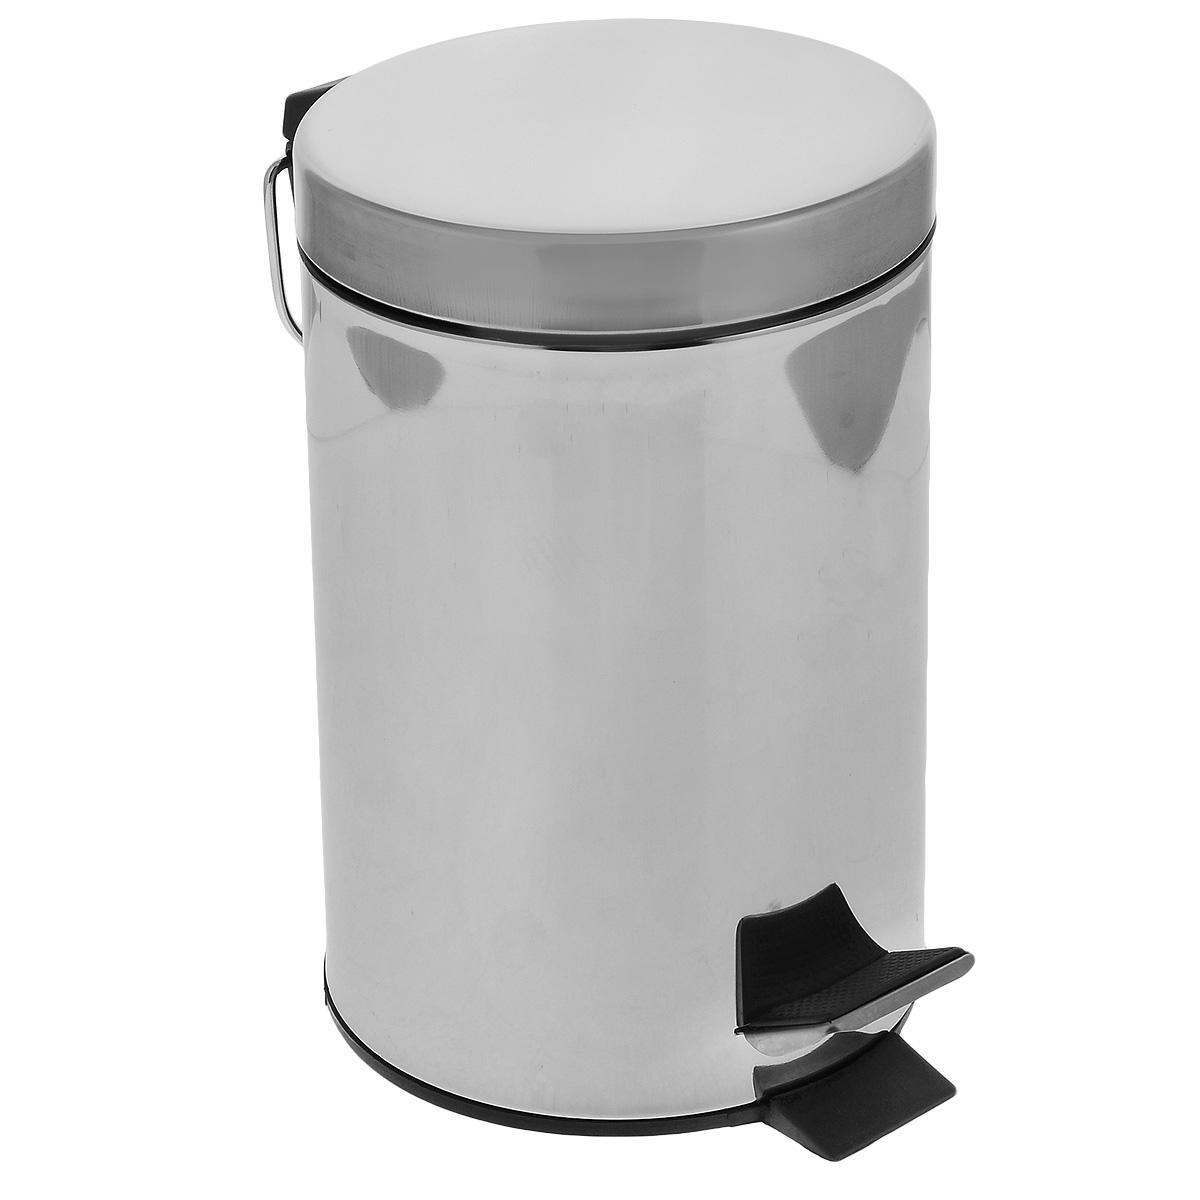 Ведро для мусора Art Moon Moon, с педалью, цвет: серебристый, 3 лVCA-00Круглое ведро для мусора Art Moon Moon, выполненное из нержавеющей стали с отражающей поверхностью, поможет вам держать мусор в порядке и предотвратит распространение неприятного запаха. Ведро оснащено педалью, с помощью которой можно открыть крышку. Закрывается крышка бесшумно, плотно прилегает, предотвращая распространение запаха. Сбоку также имеется металлическая ручка. Внутренняя часть - пластиковое ведерко, оснащенное металлической ручкой для переноса. Нескользящая пластиковая основа ведра предотвращает повреждение пола.Объем: 3 л. Диаметр ведра: 16,5 см.Высота стенки: 26 см.